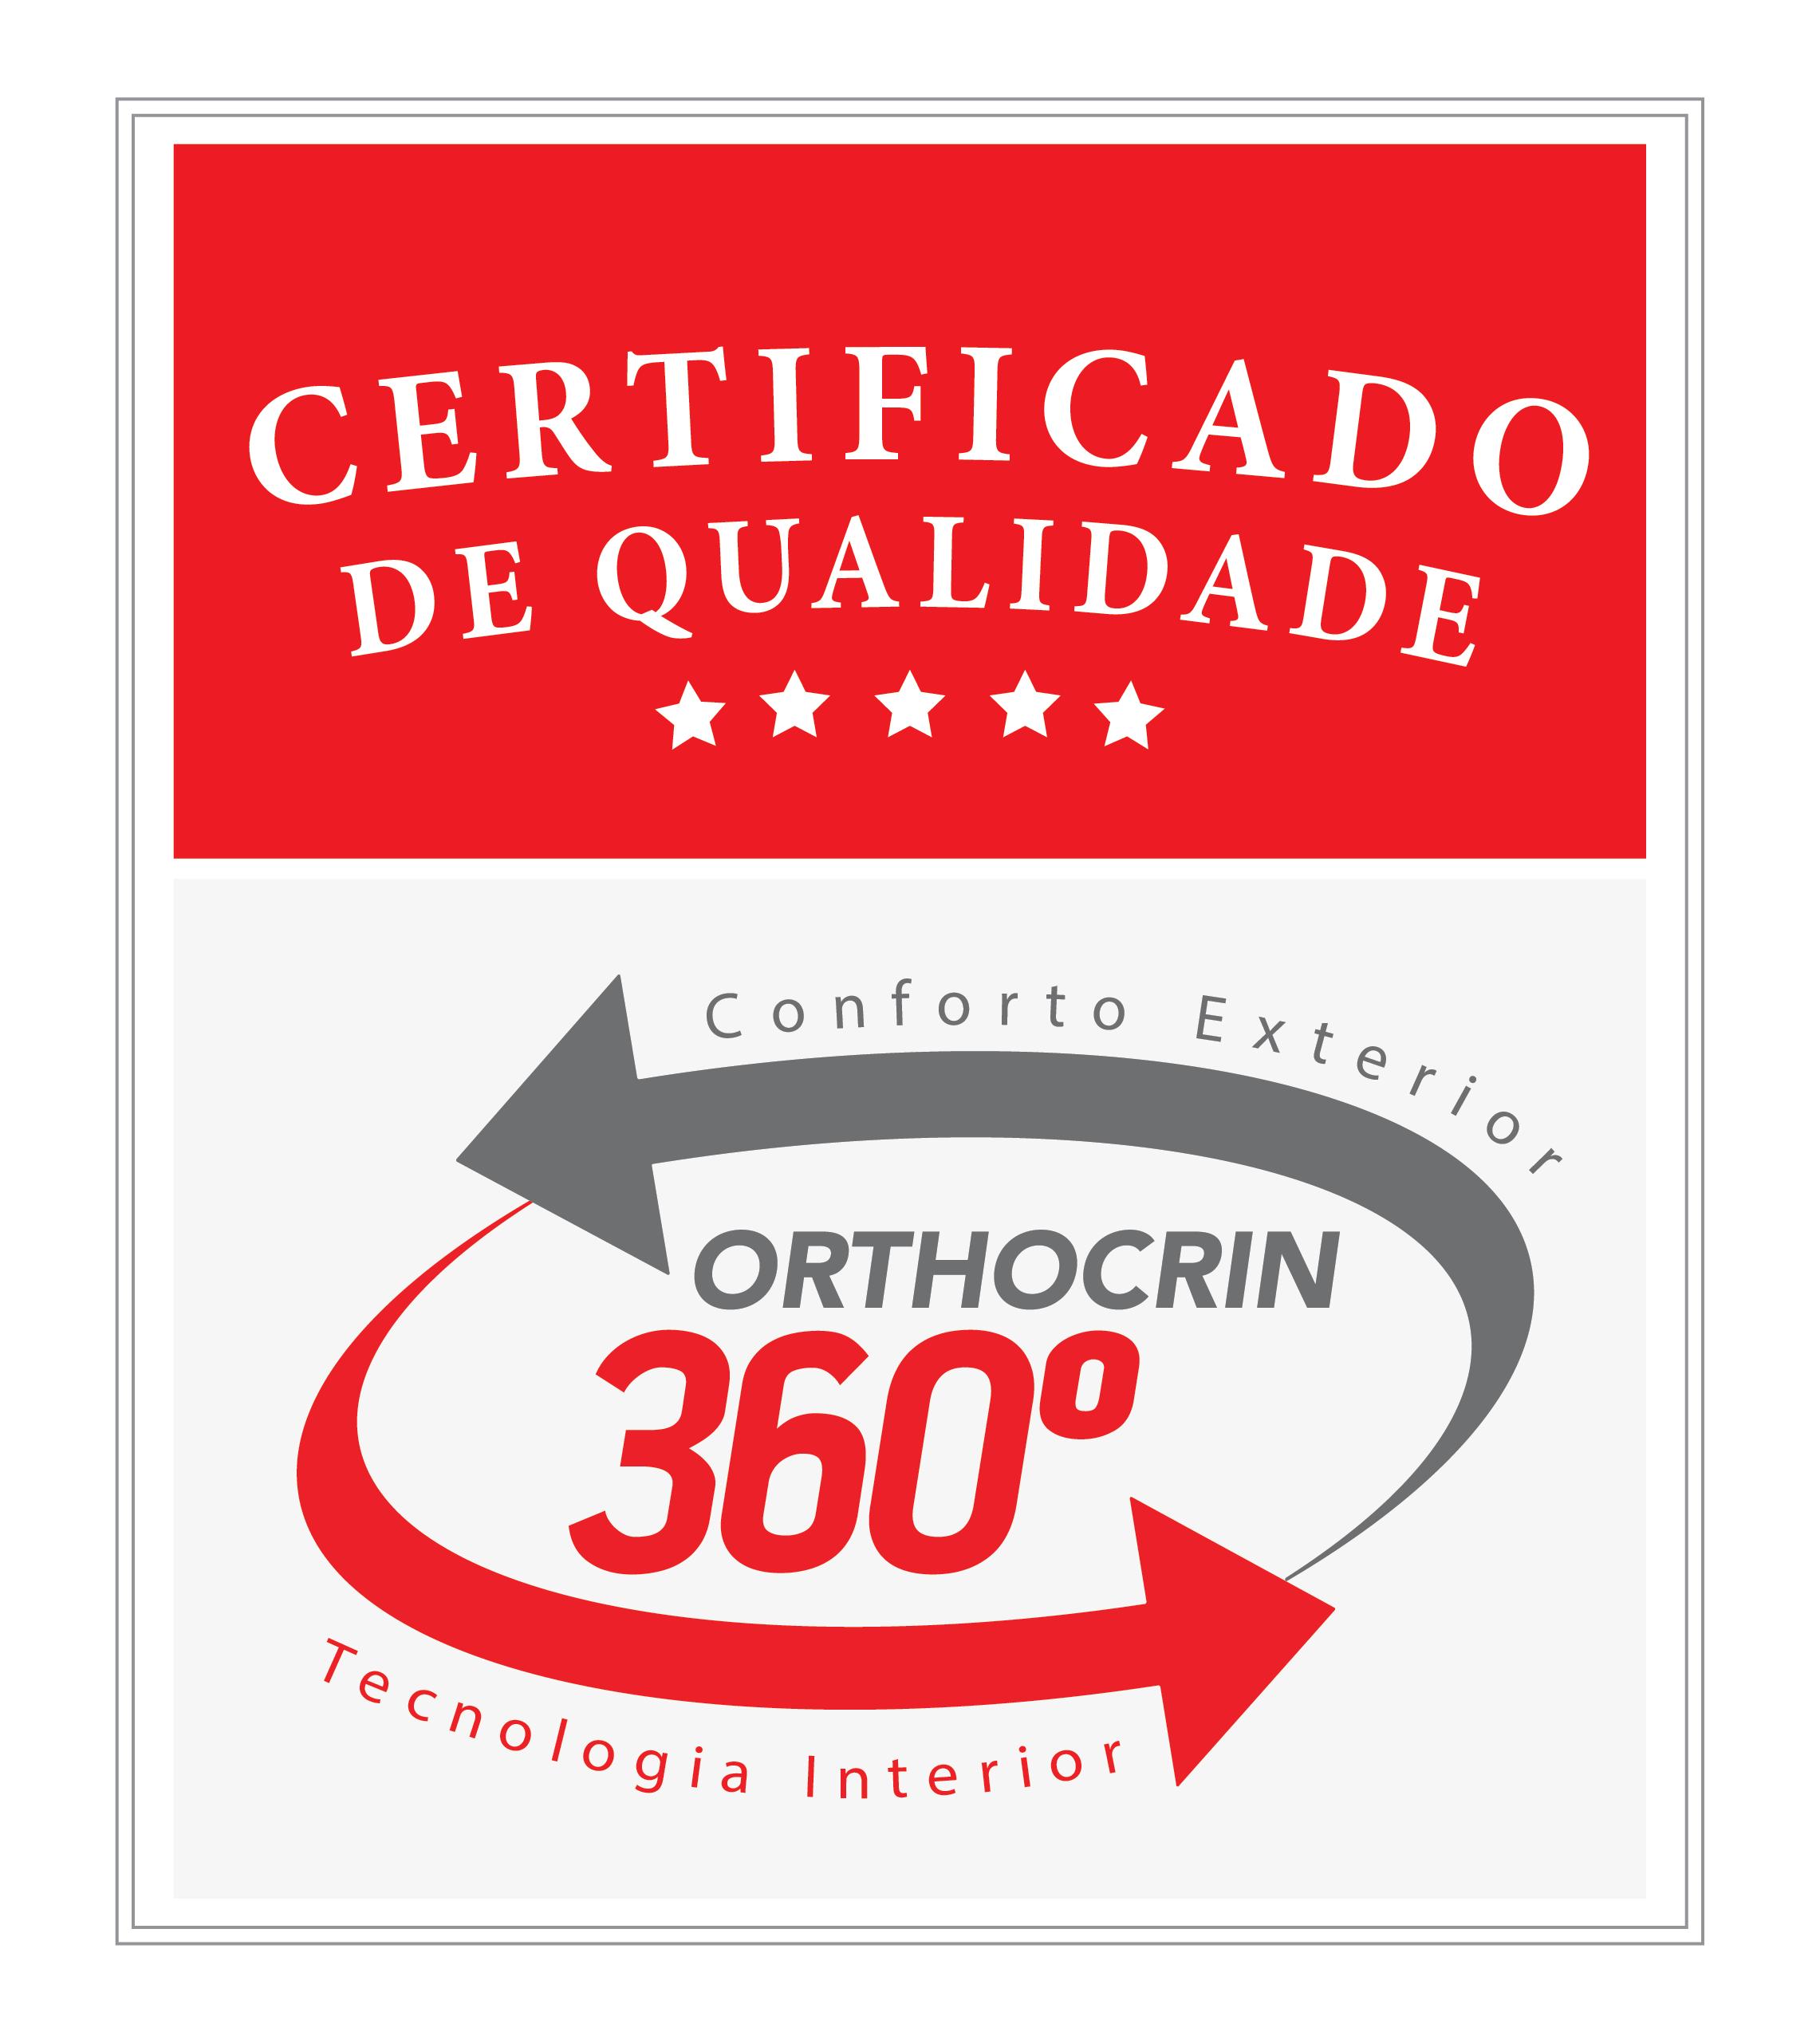 Selo 360° Orthocrin Qualidade por dentro e por fora